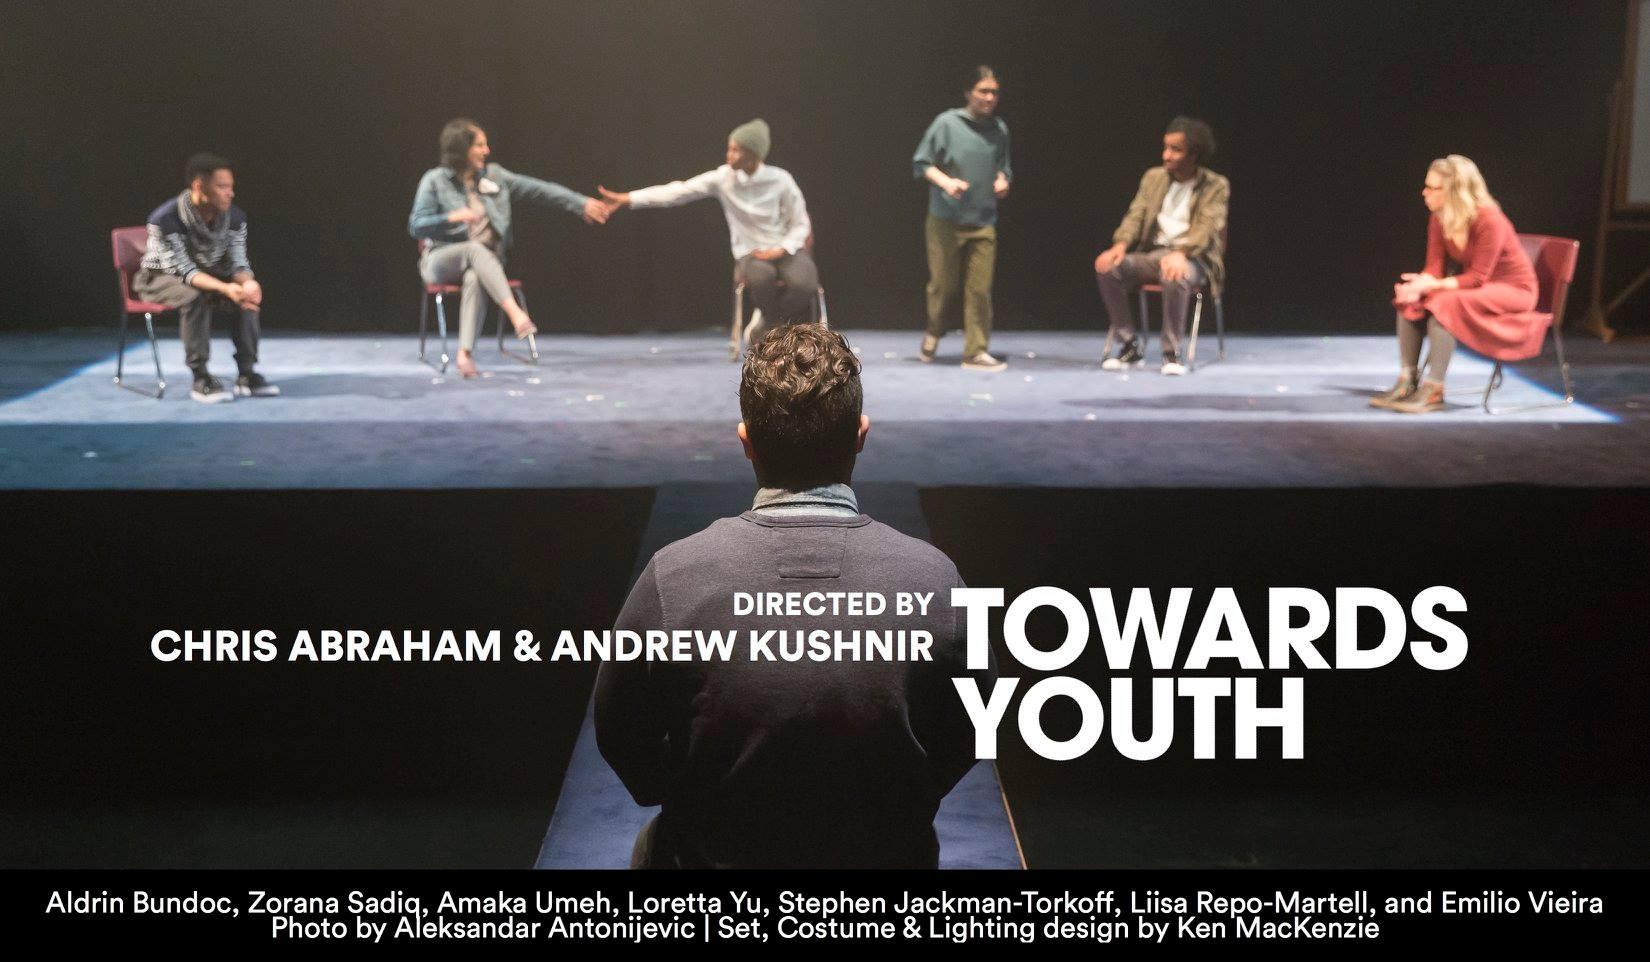 Towards Youth.jpg